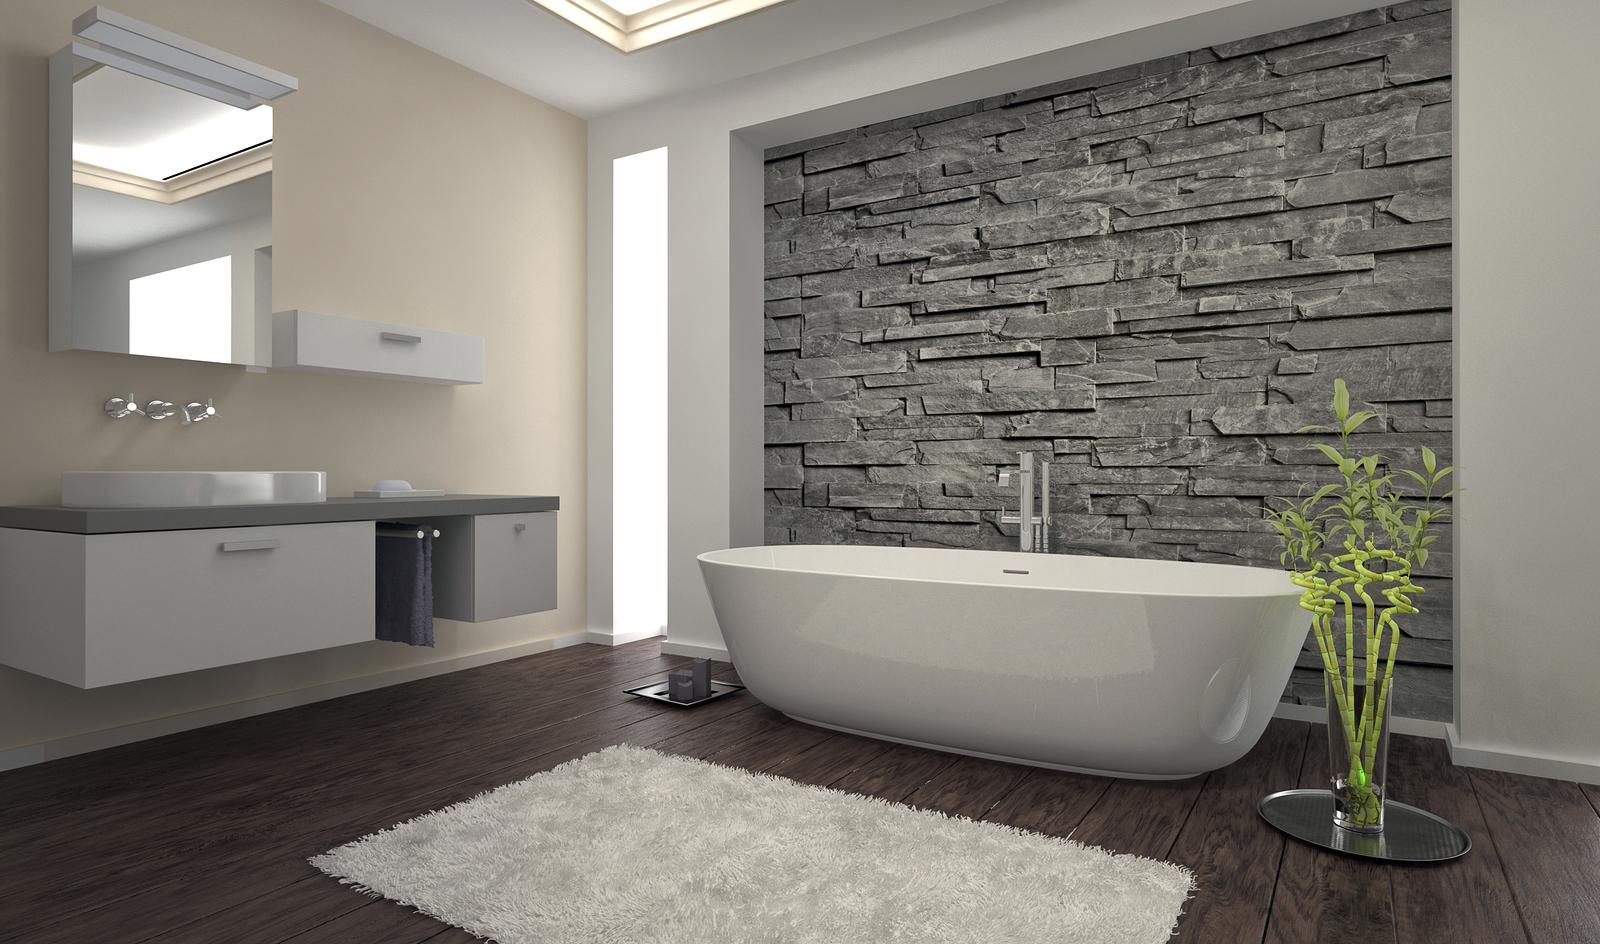 Серый декоративный камень в дизайне ванной комнаты